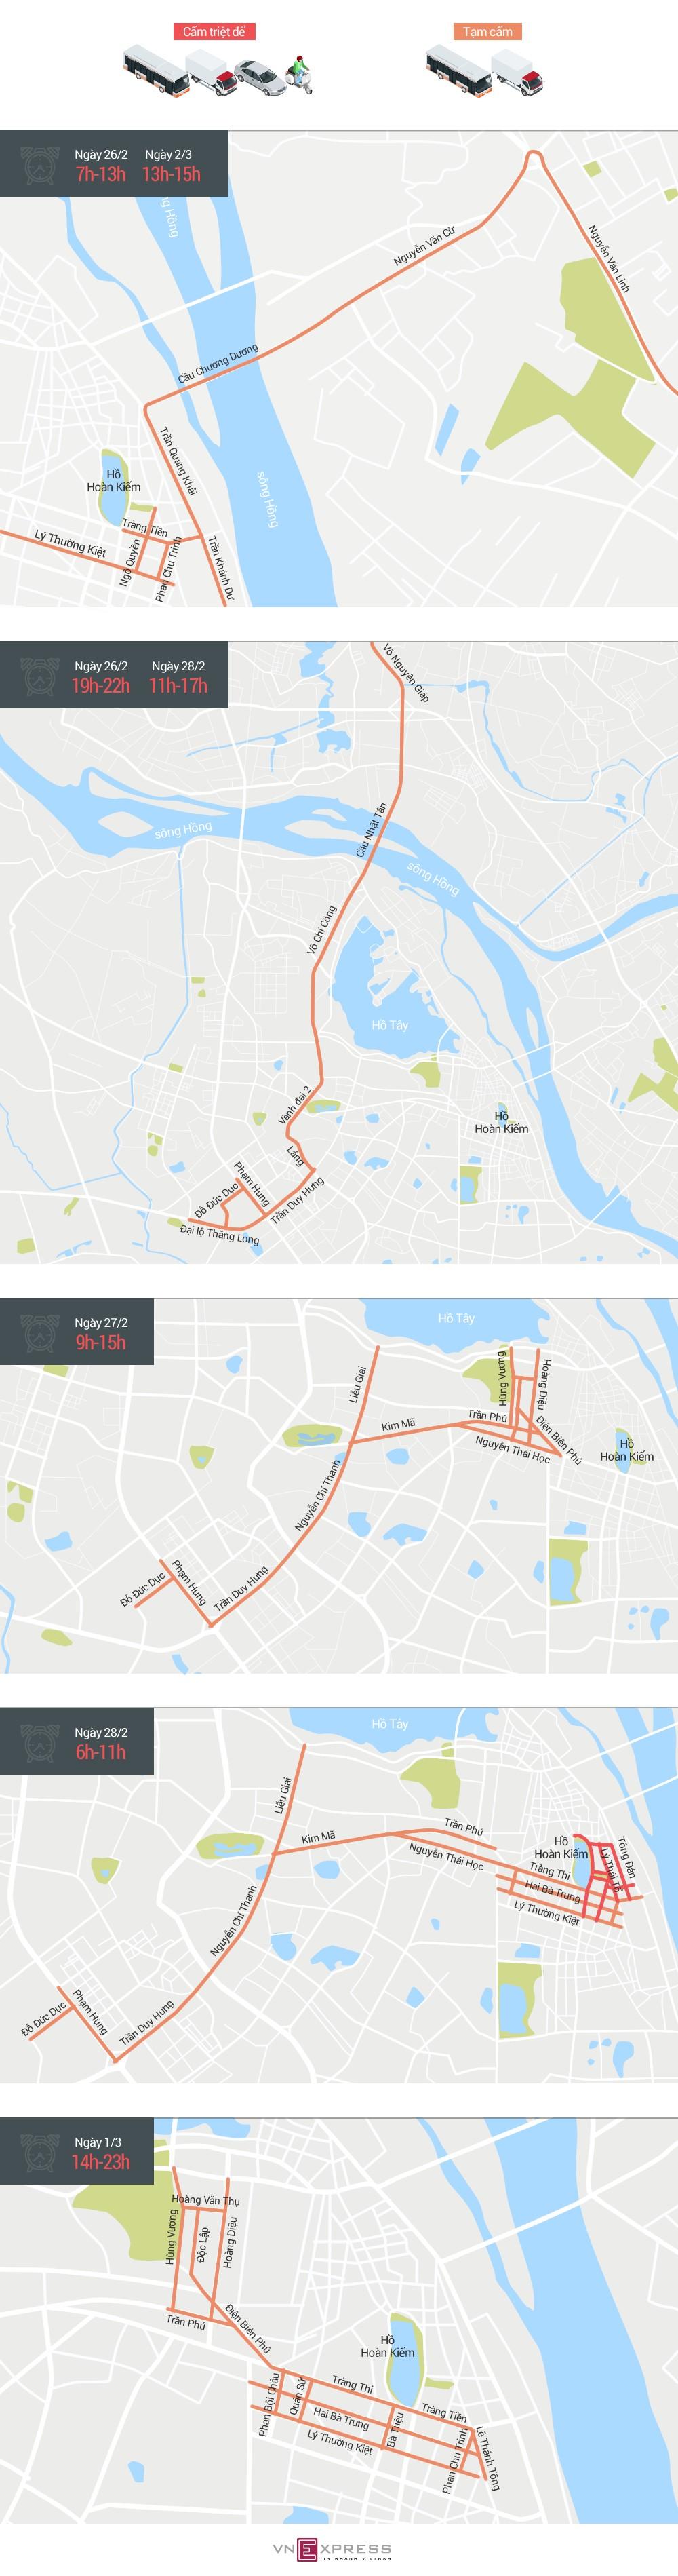 Bản đồ cấm đường dịp hội nghị thượng đỉnh Mỹ - Triều - ảnh 1